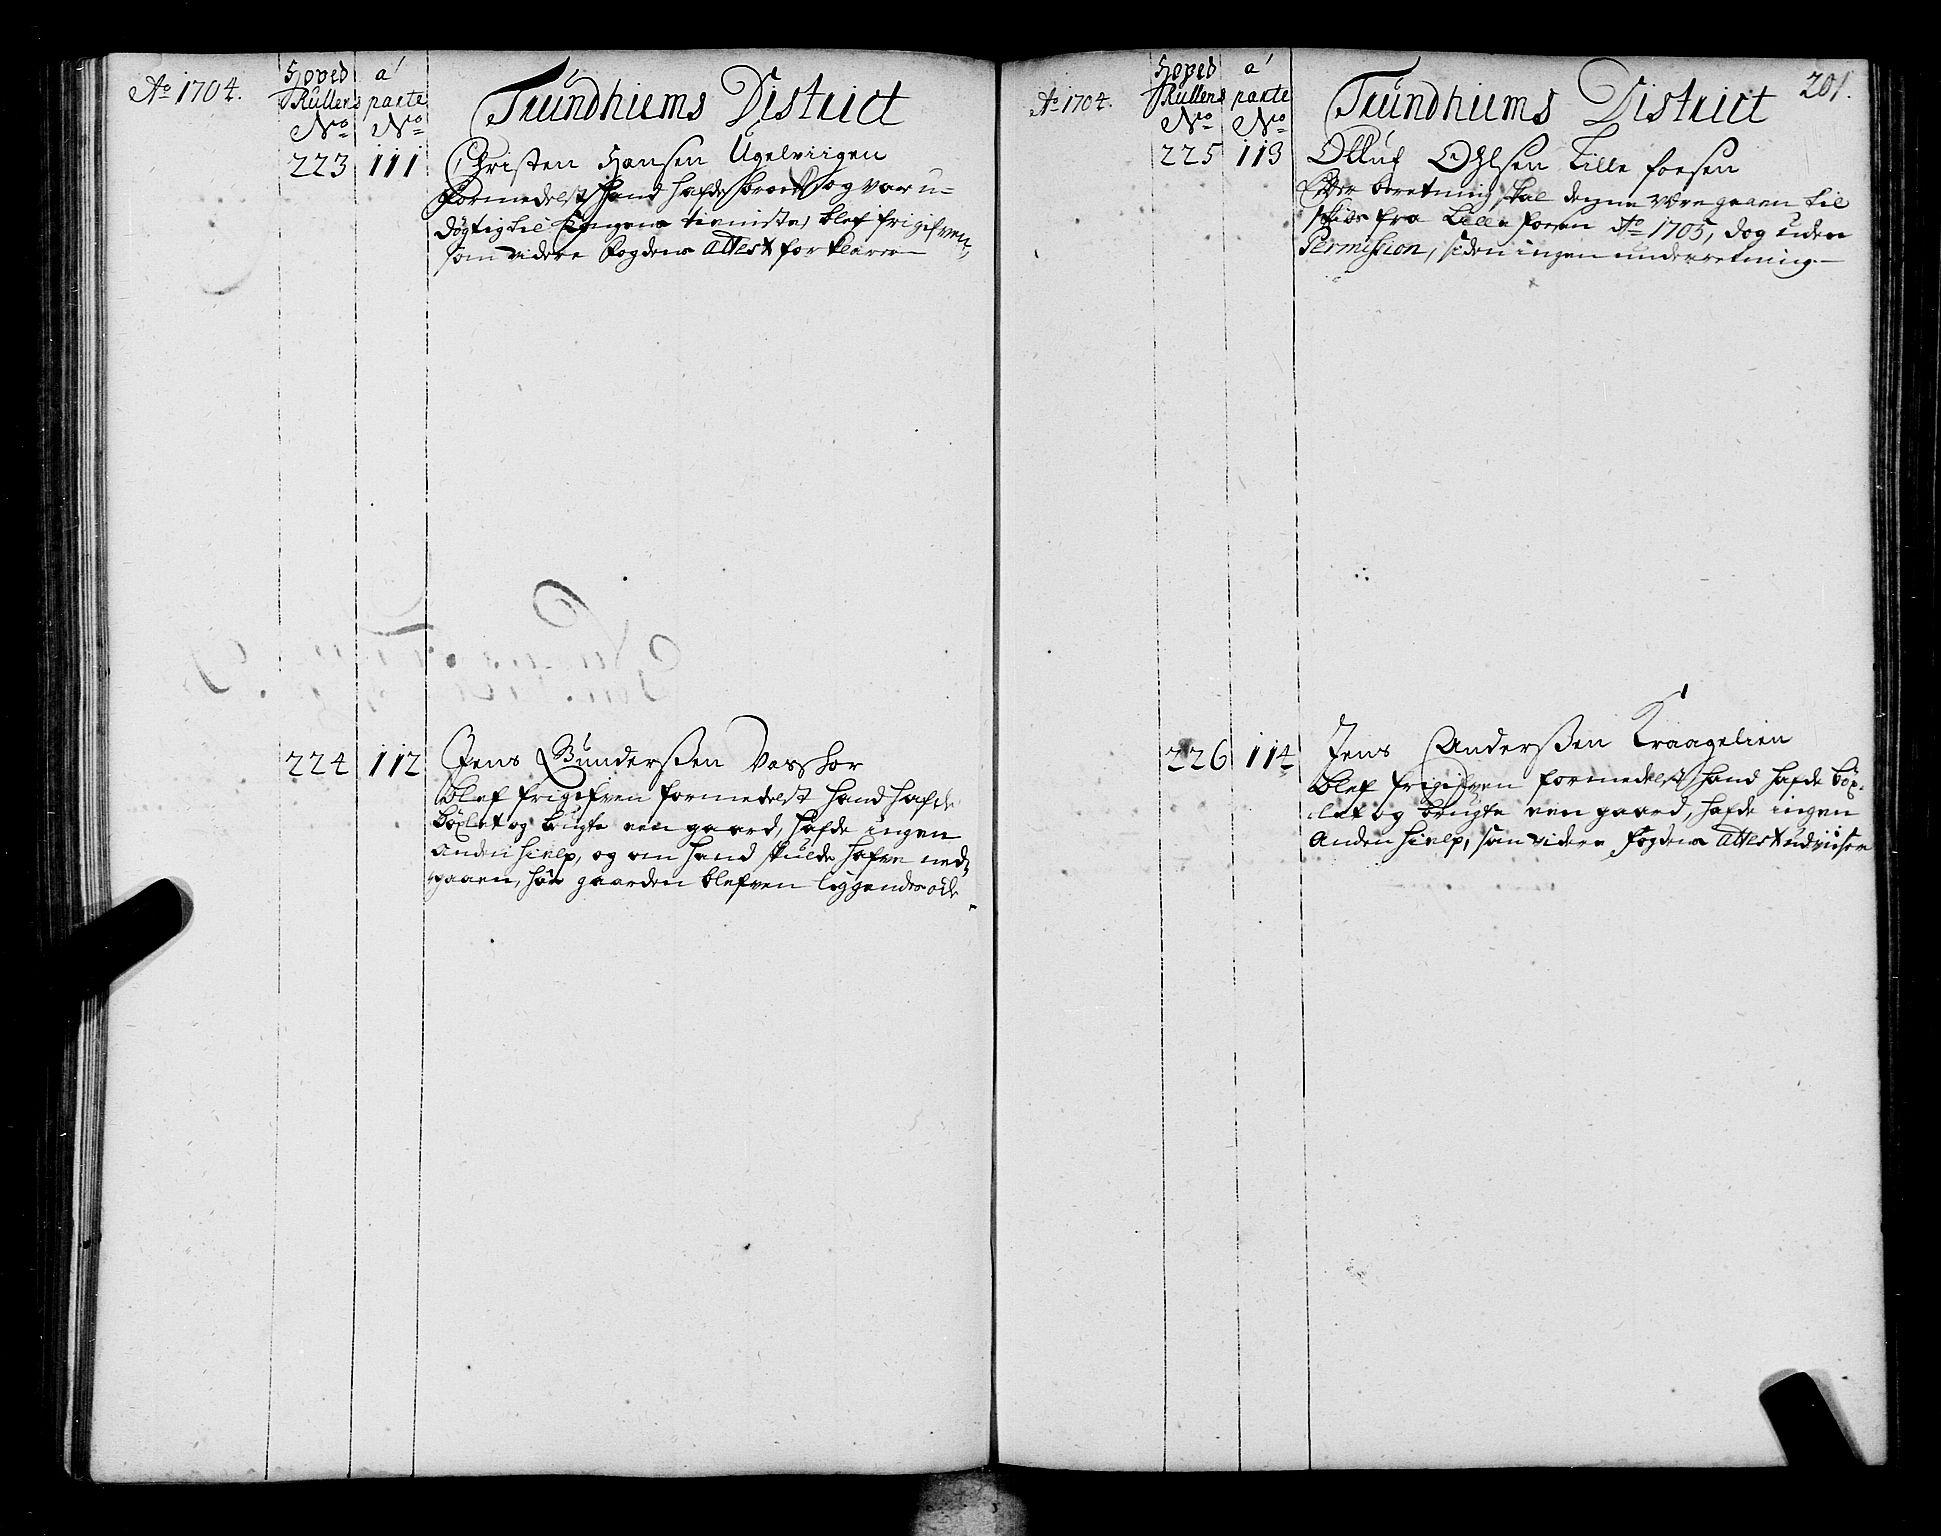 SAT, Sjøinnrulleringen - Trondhjemske distrikt, 01/L0004: Ruller over sjøfolk i Trondhjem by, 1704-1710, s. 201